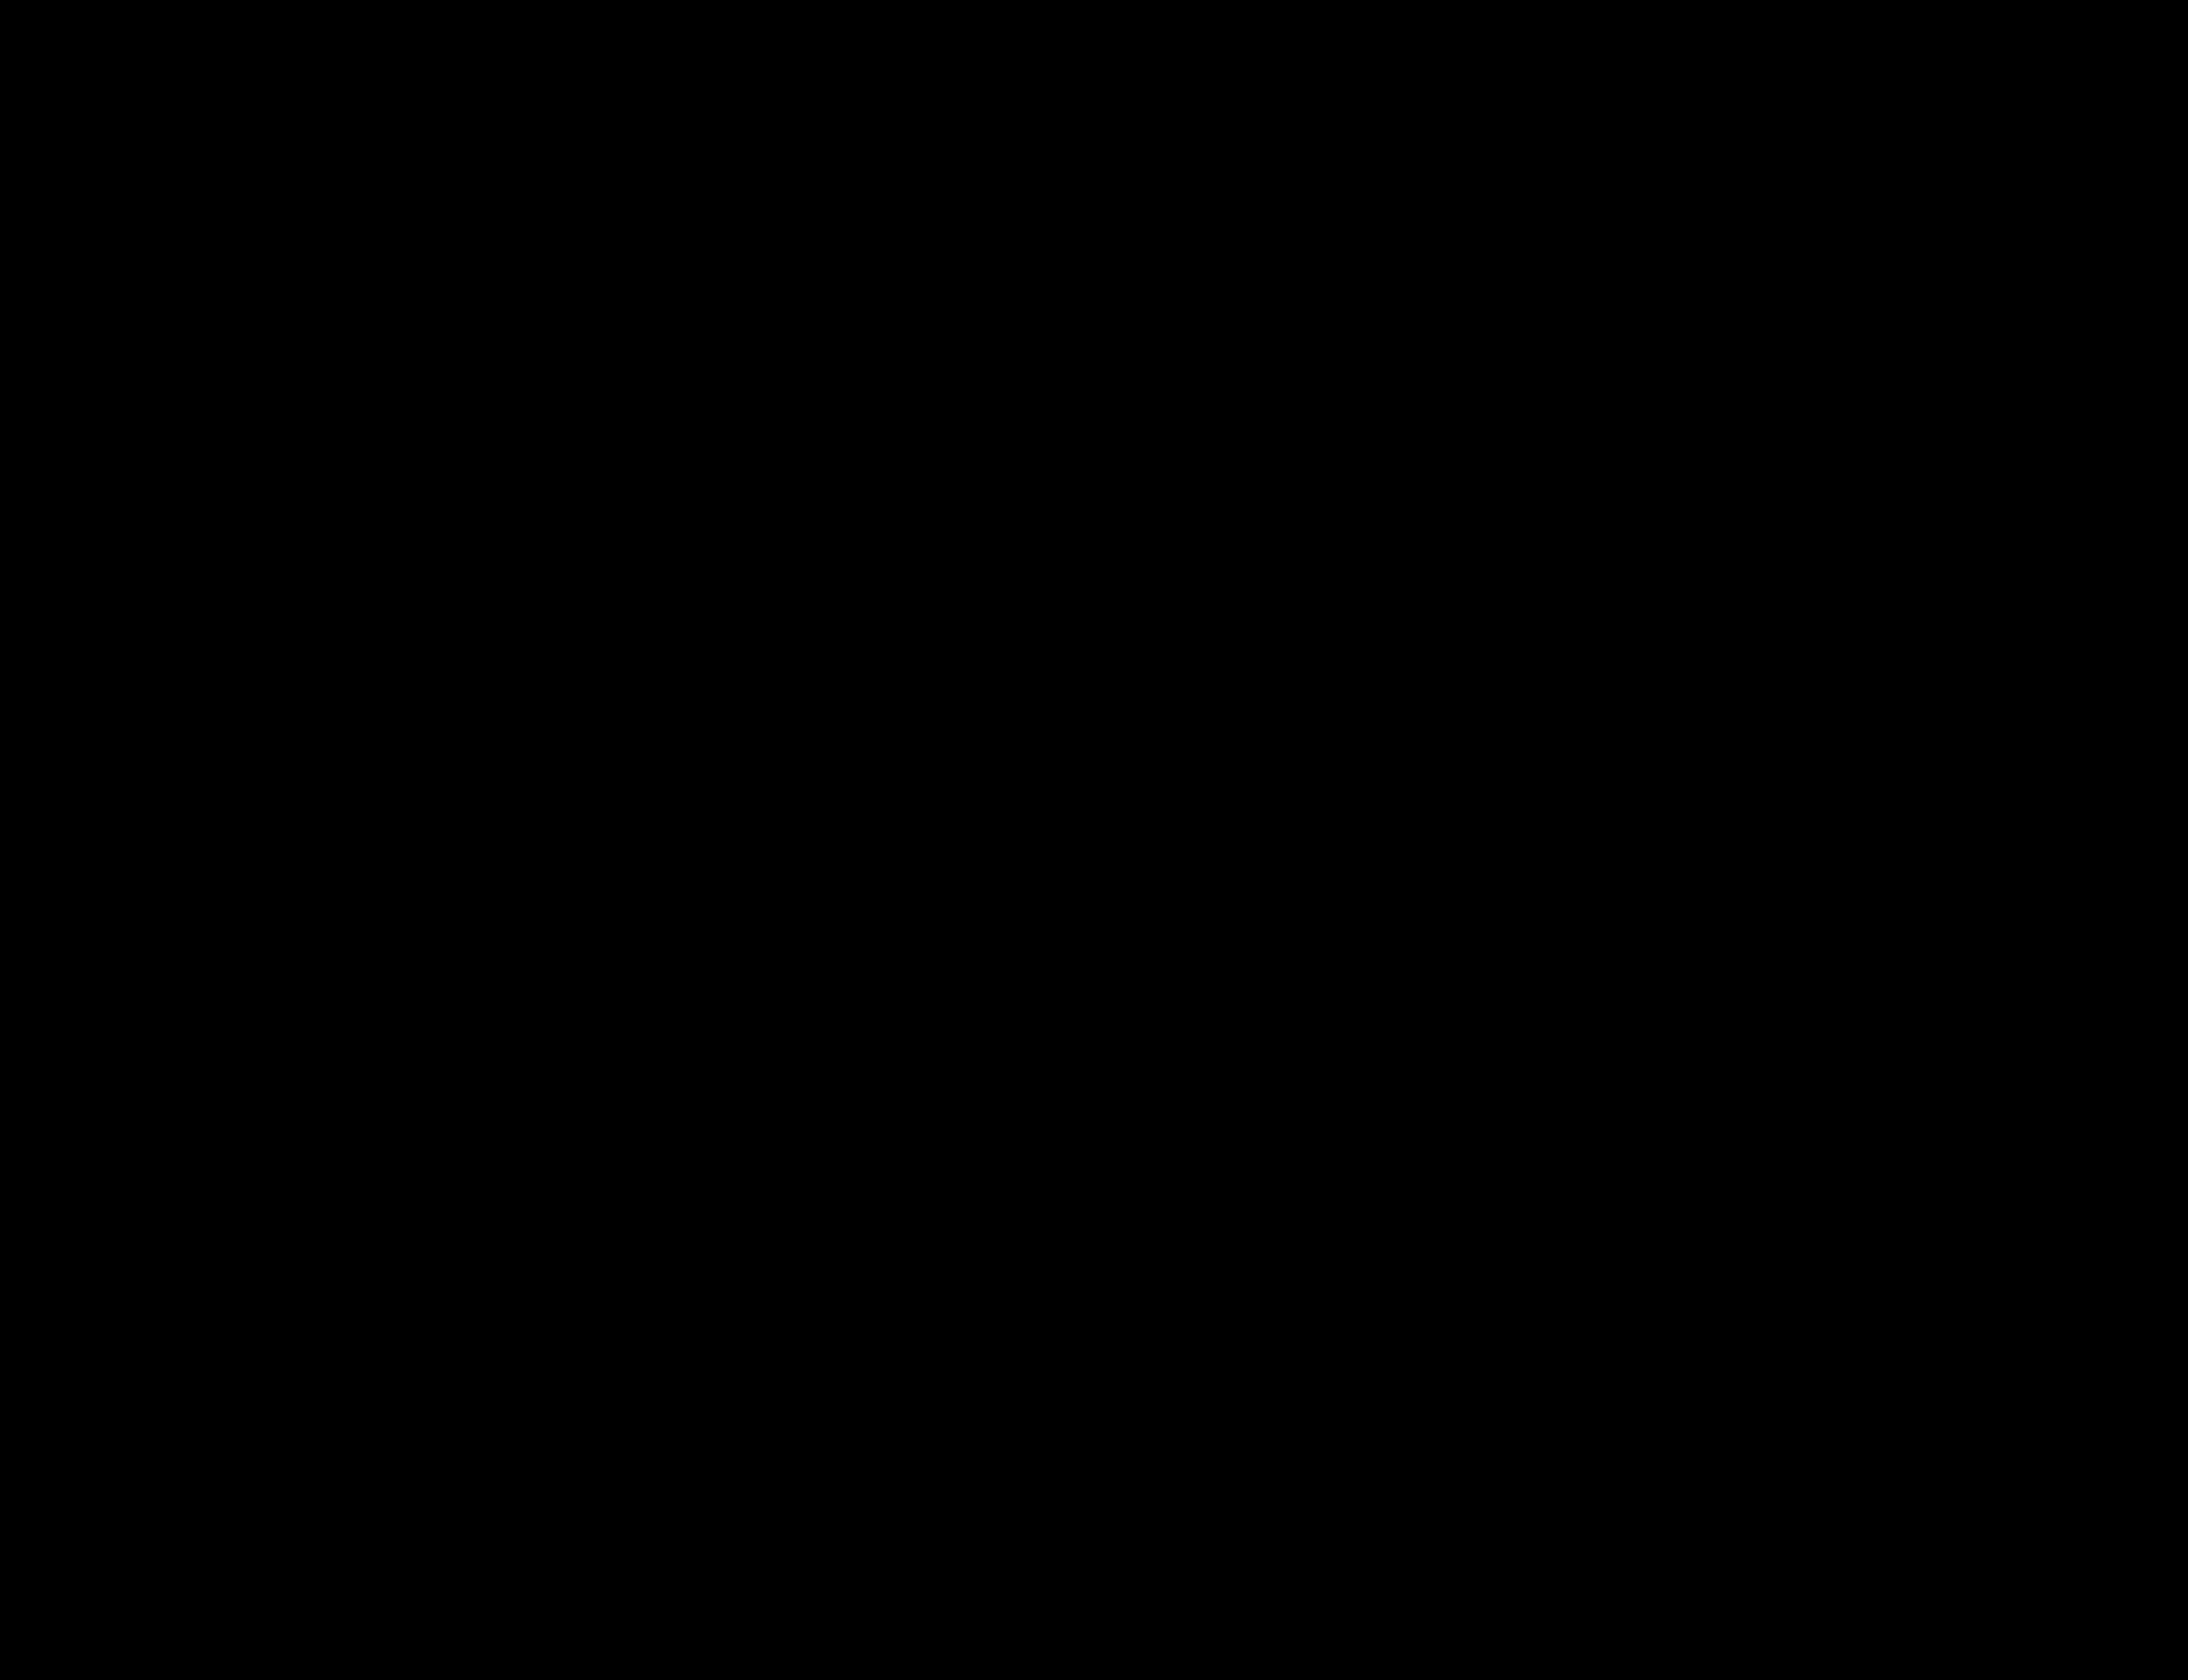 2310x1774 Clipart Unicorn Head Silhouette